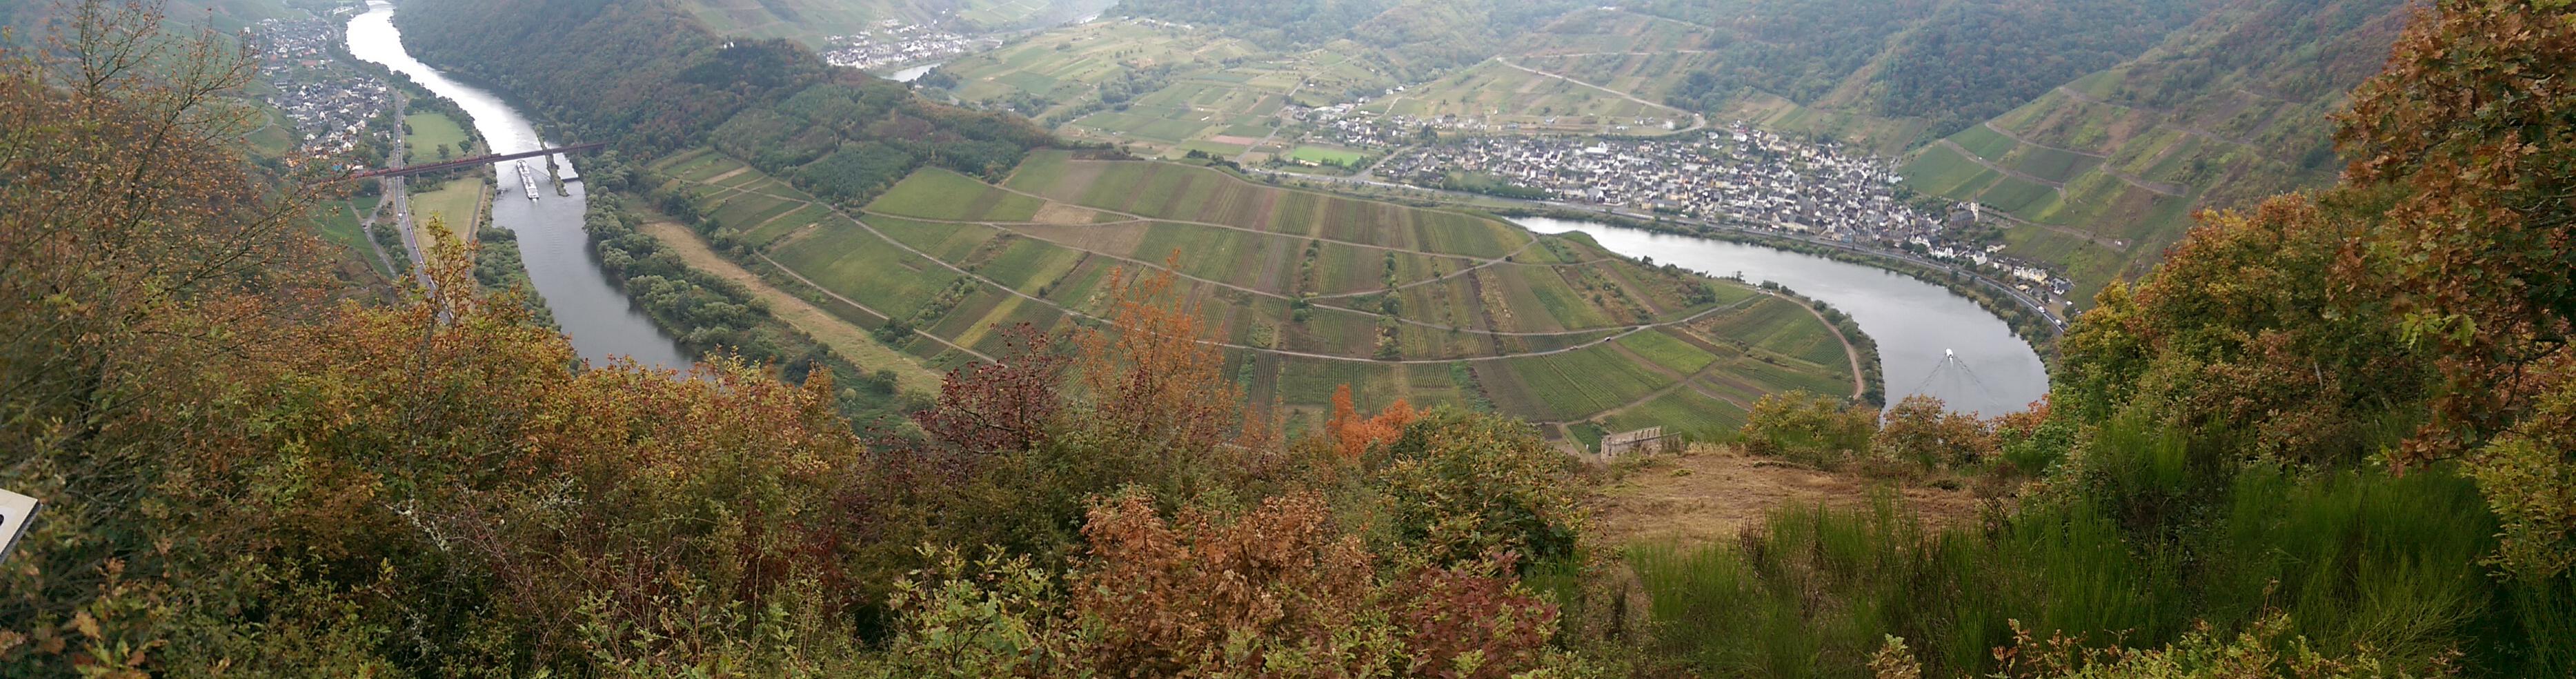 Klettersteig Cochem : Wandern rundtour über den calmonter klettersteig und höhenweg